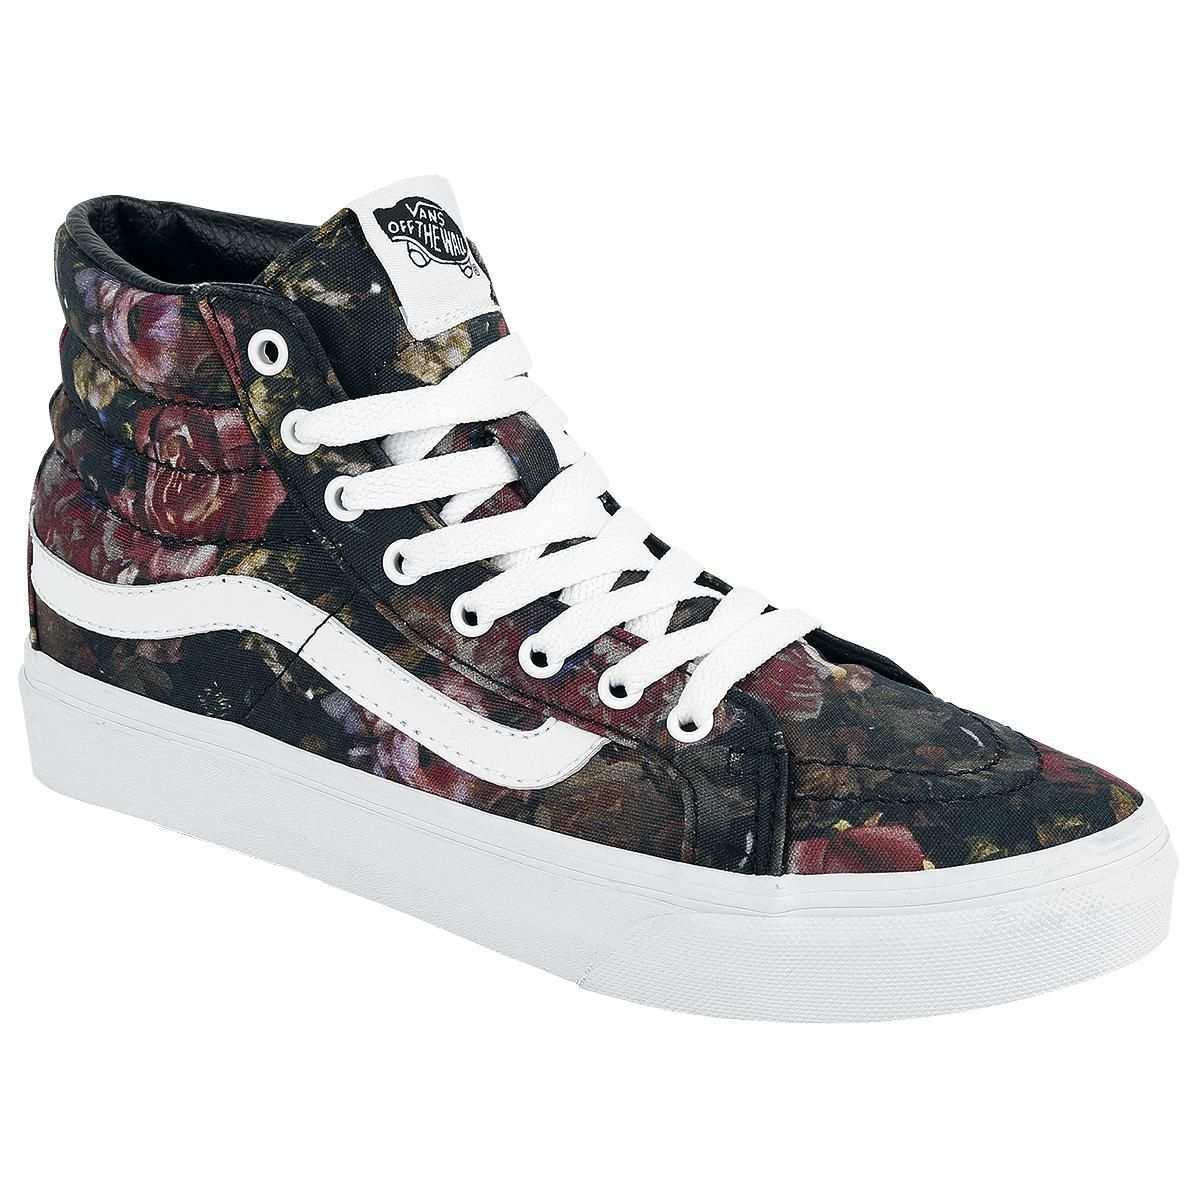 Vans Sneaker High Female Sk8 Hi Slim Multicolor Jetzt Online Bestellen Emp